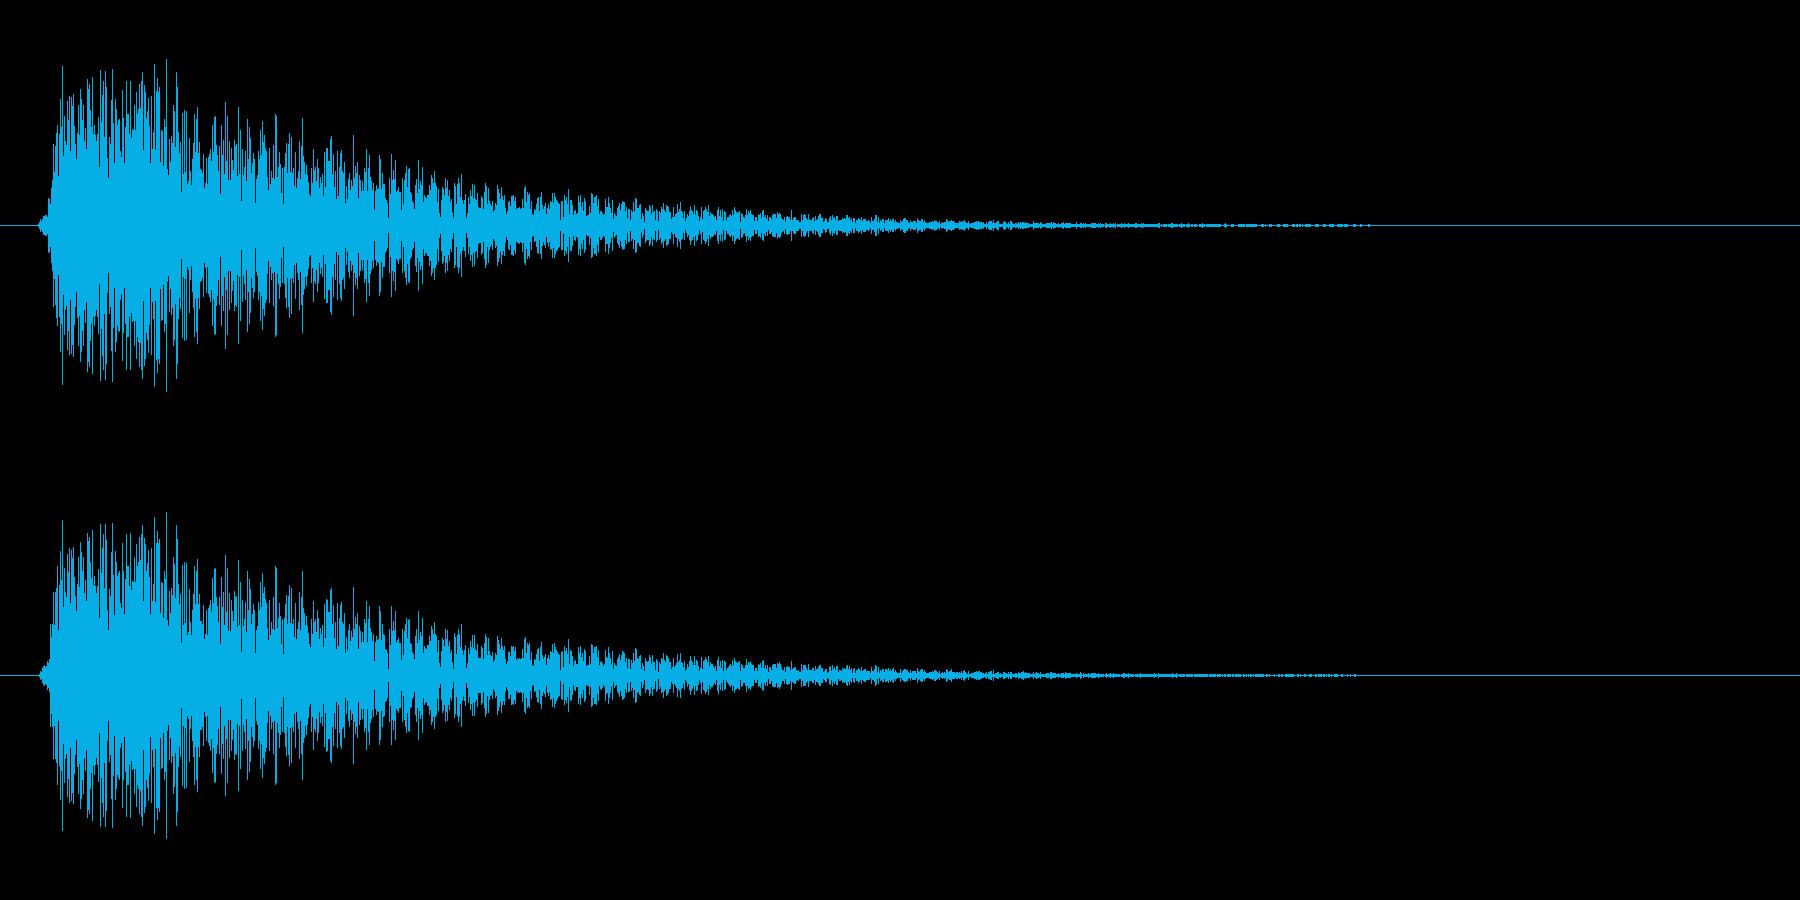 チュカン(短めの音色)の再生済みの波形